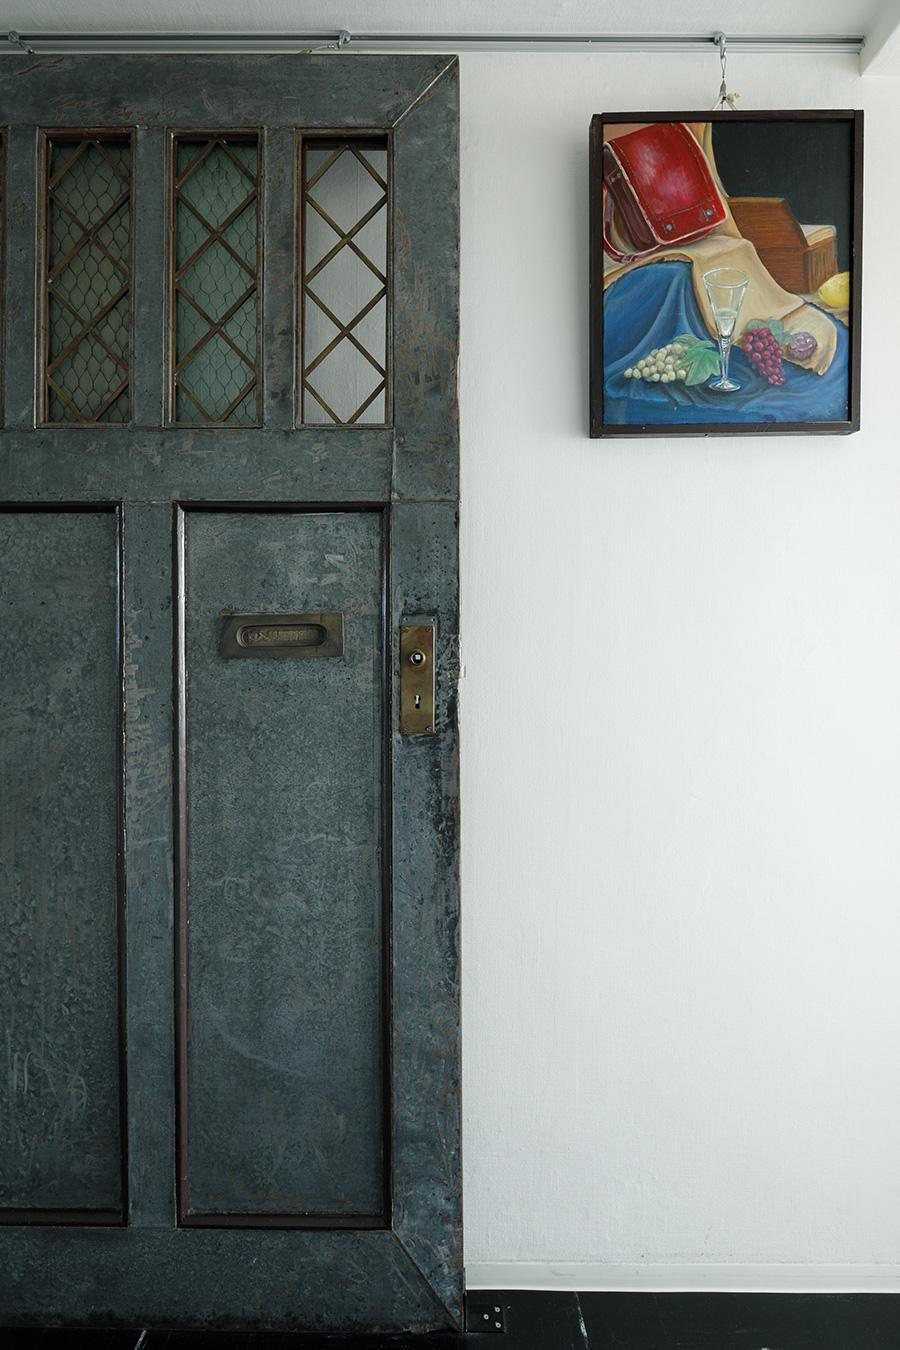 廊下に飾られた戦前の集合住宅の共同玄関の建具。ピクチャーレールを使って倒れないようにしている。